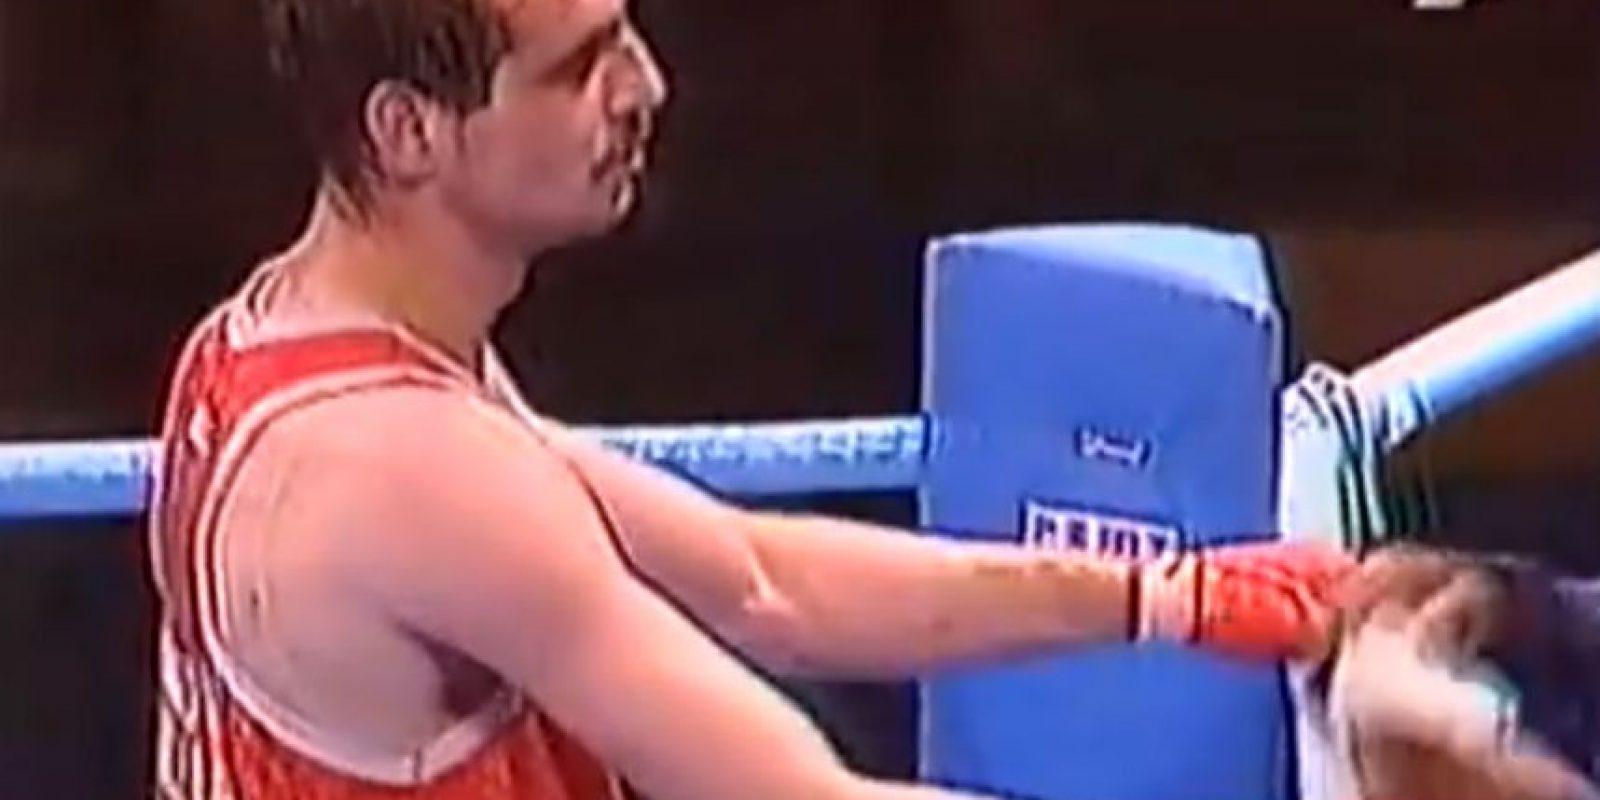 En la semifinal del torneo, Mayweather se enfrentó al Bulgaro Serafim Todorov de 27, quien lo venció por sólo un punto y en medio de gran polémica. Foto:Youtube Jordan Far